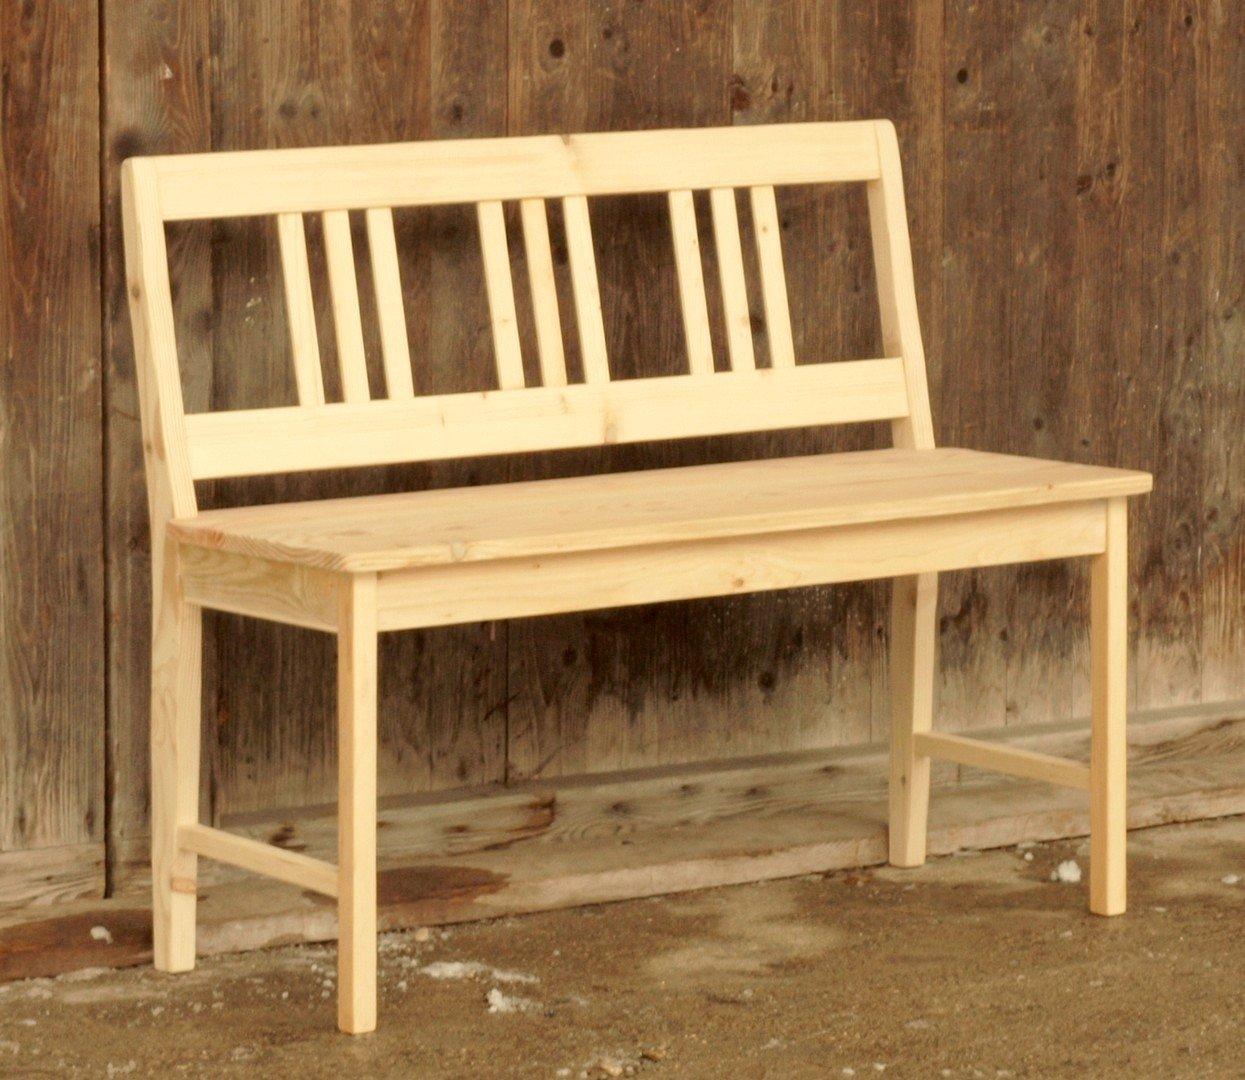 110 cm massive fichtenholz sitzbank bank alte antike bauernm bel internetverkauf. Black Bedroom Furniture Sets. Home Design Ideas